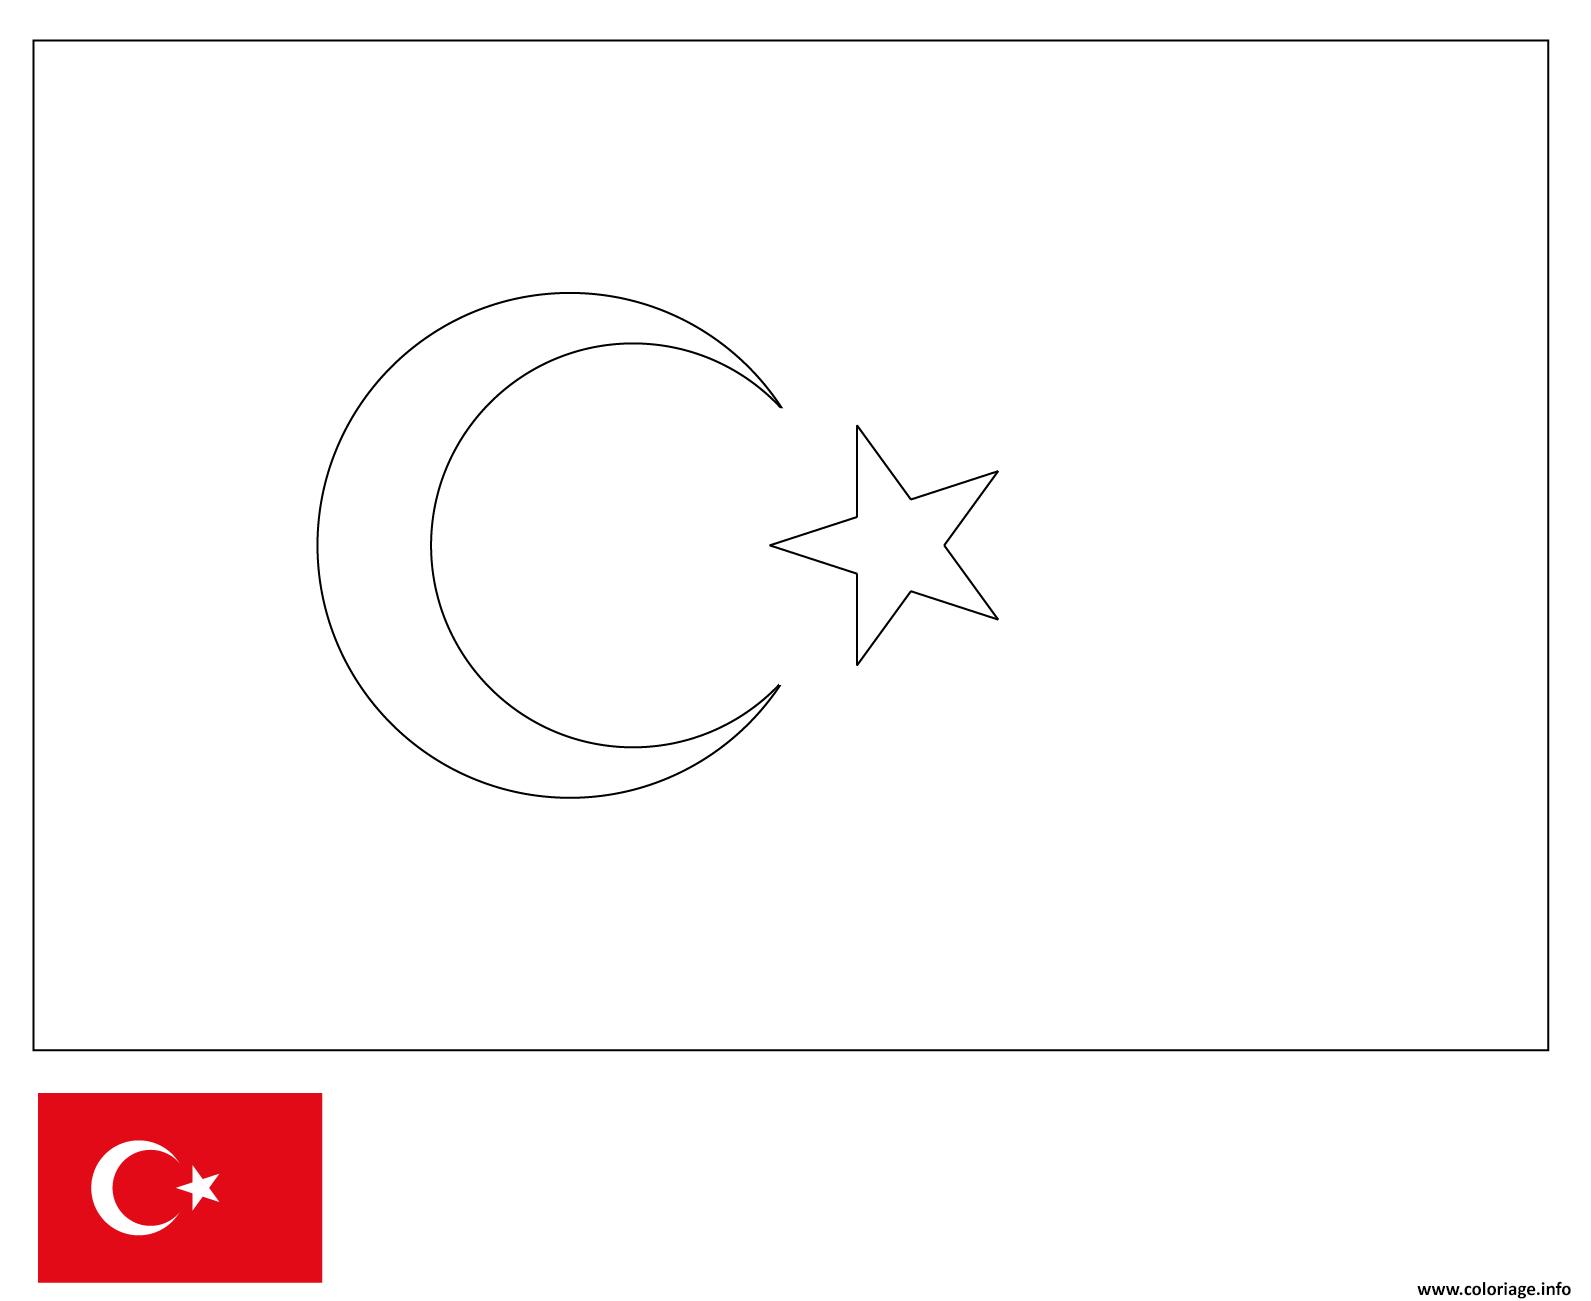 Coloriage Drapeau Turquie Dessin concernant Drapeaux Européens À Imprimer